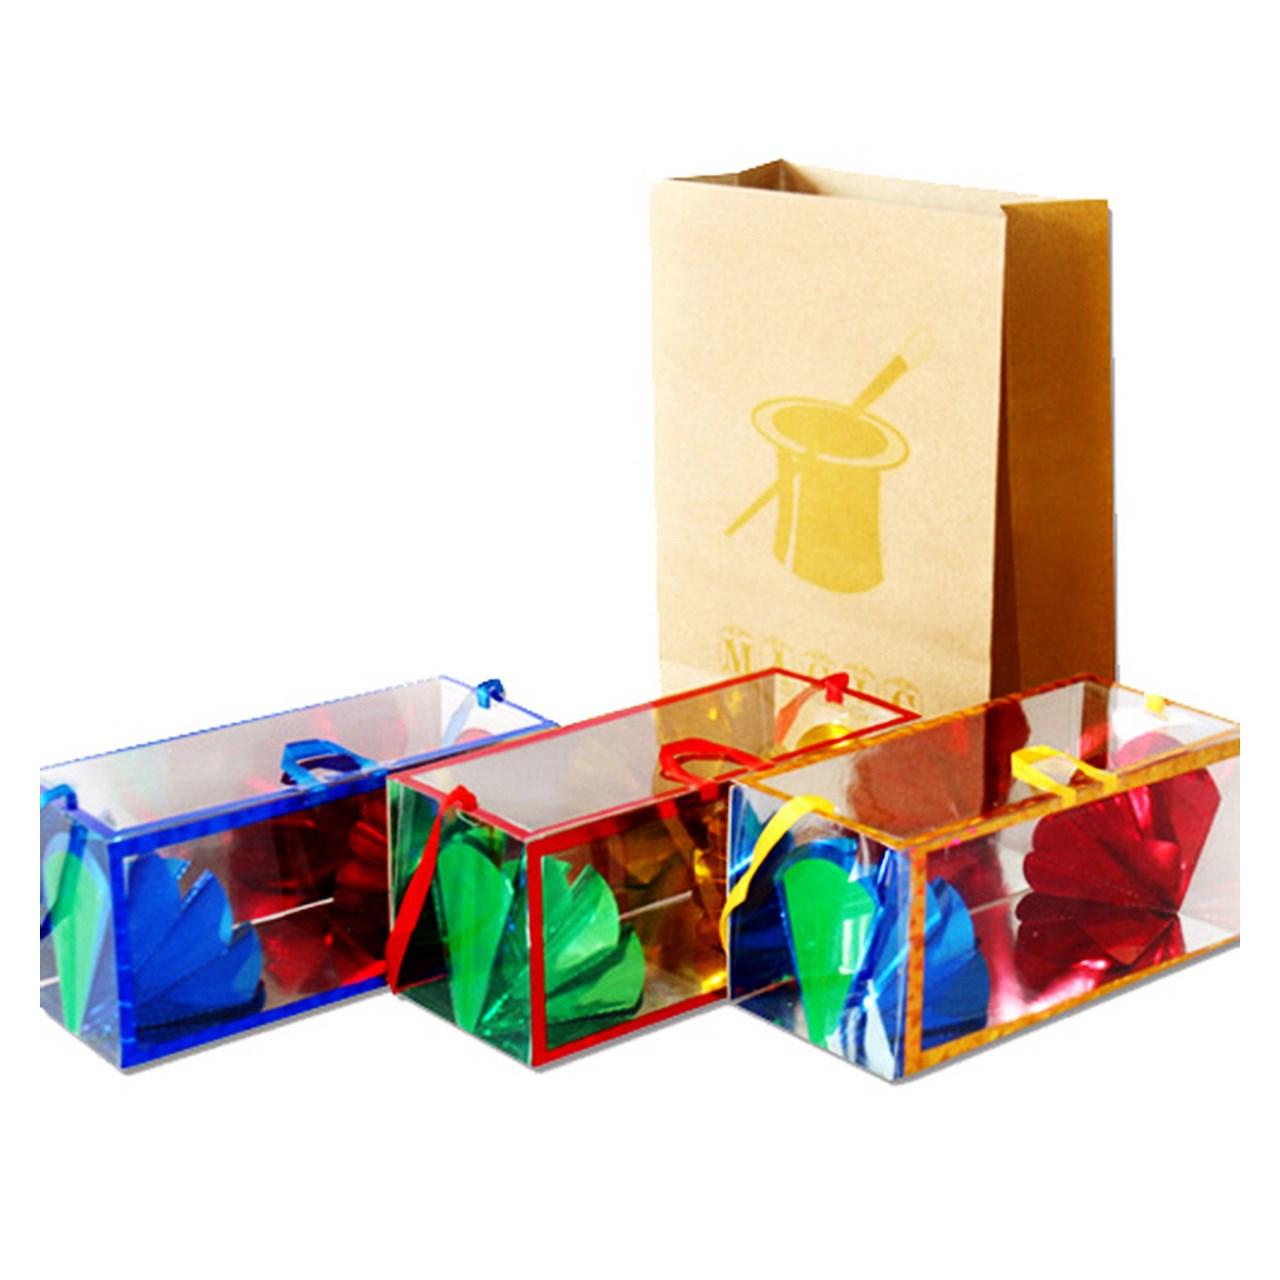 ابزار شعبده بازی مدل پاکت تولید کننده گل کد Dsk161